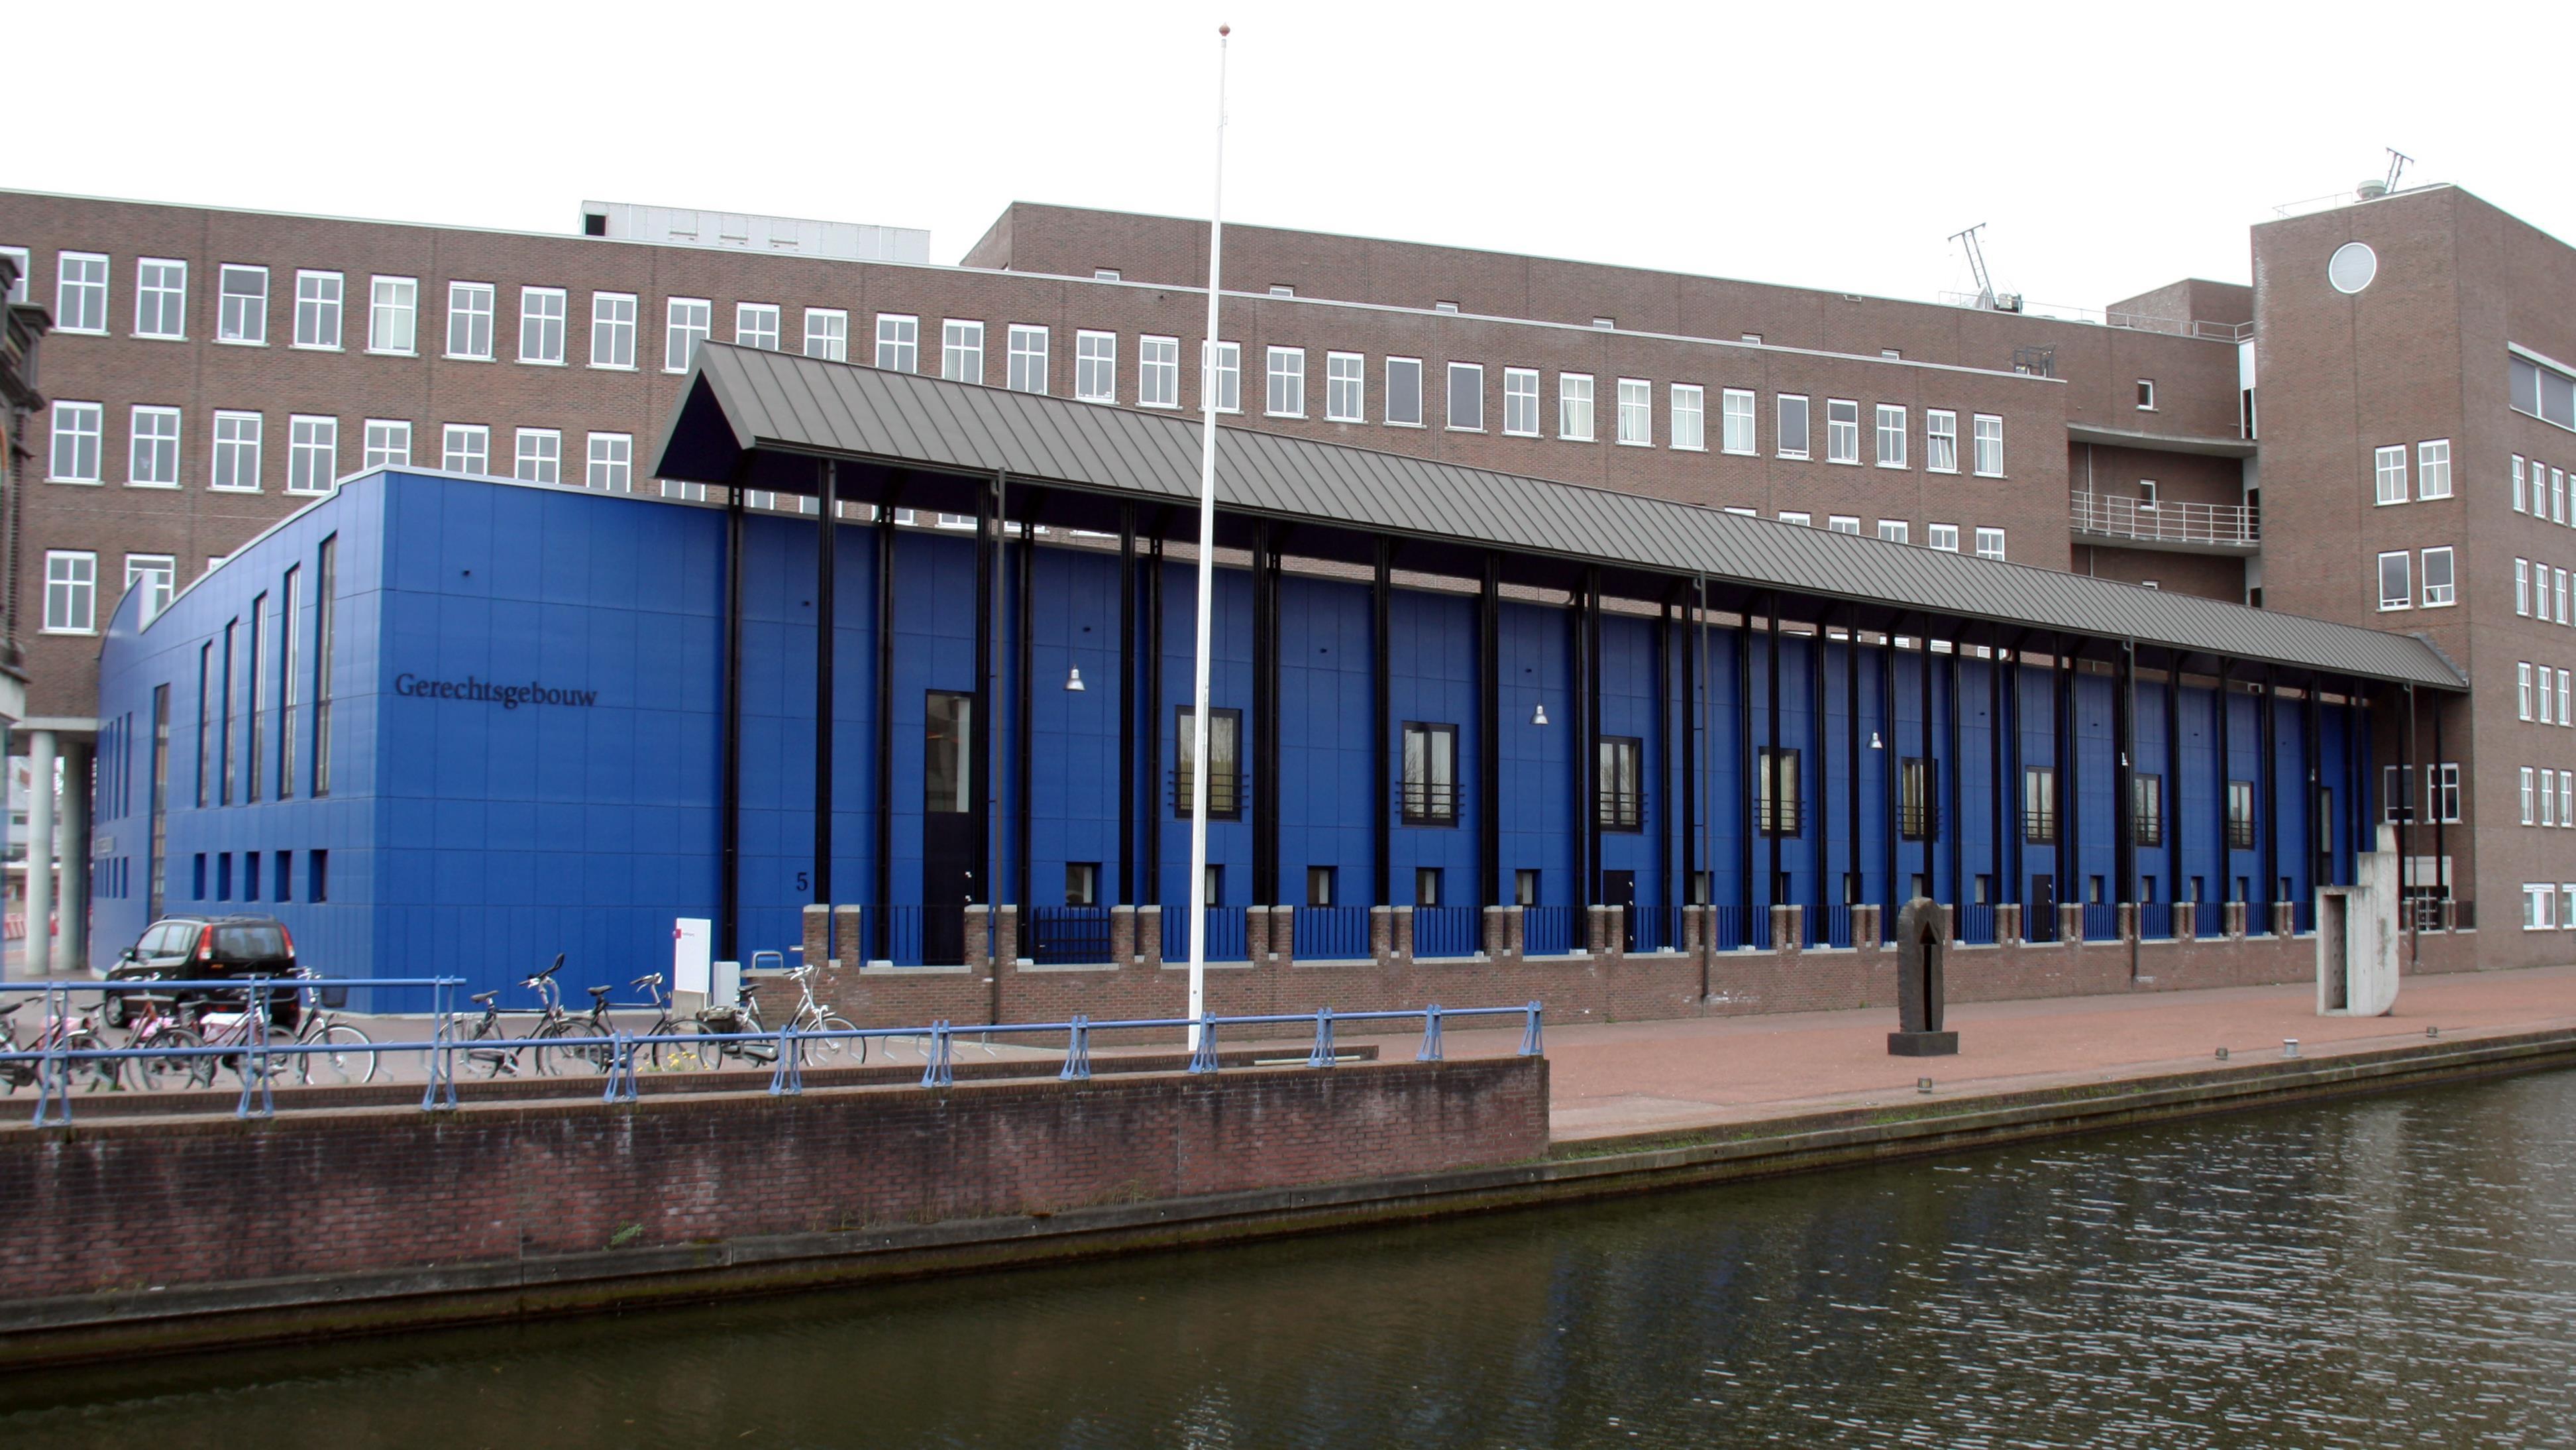 Rechtbank Almelo spreekt zeven faillissementen uit: www.rtvoost.nl/nieuws/default.aspx?nid=169808